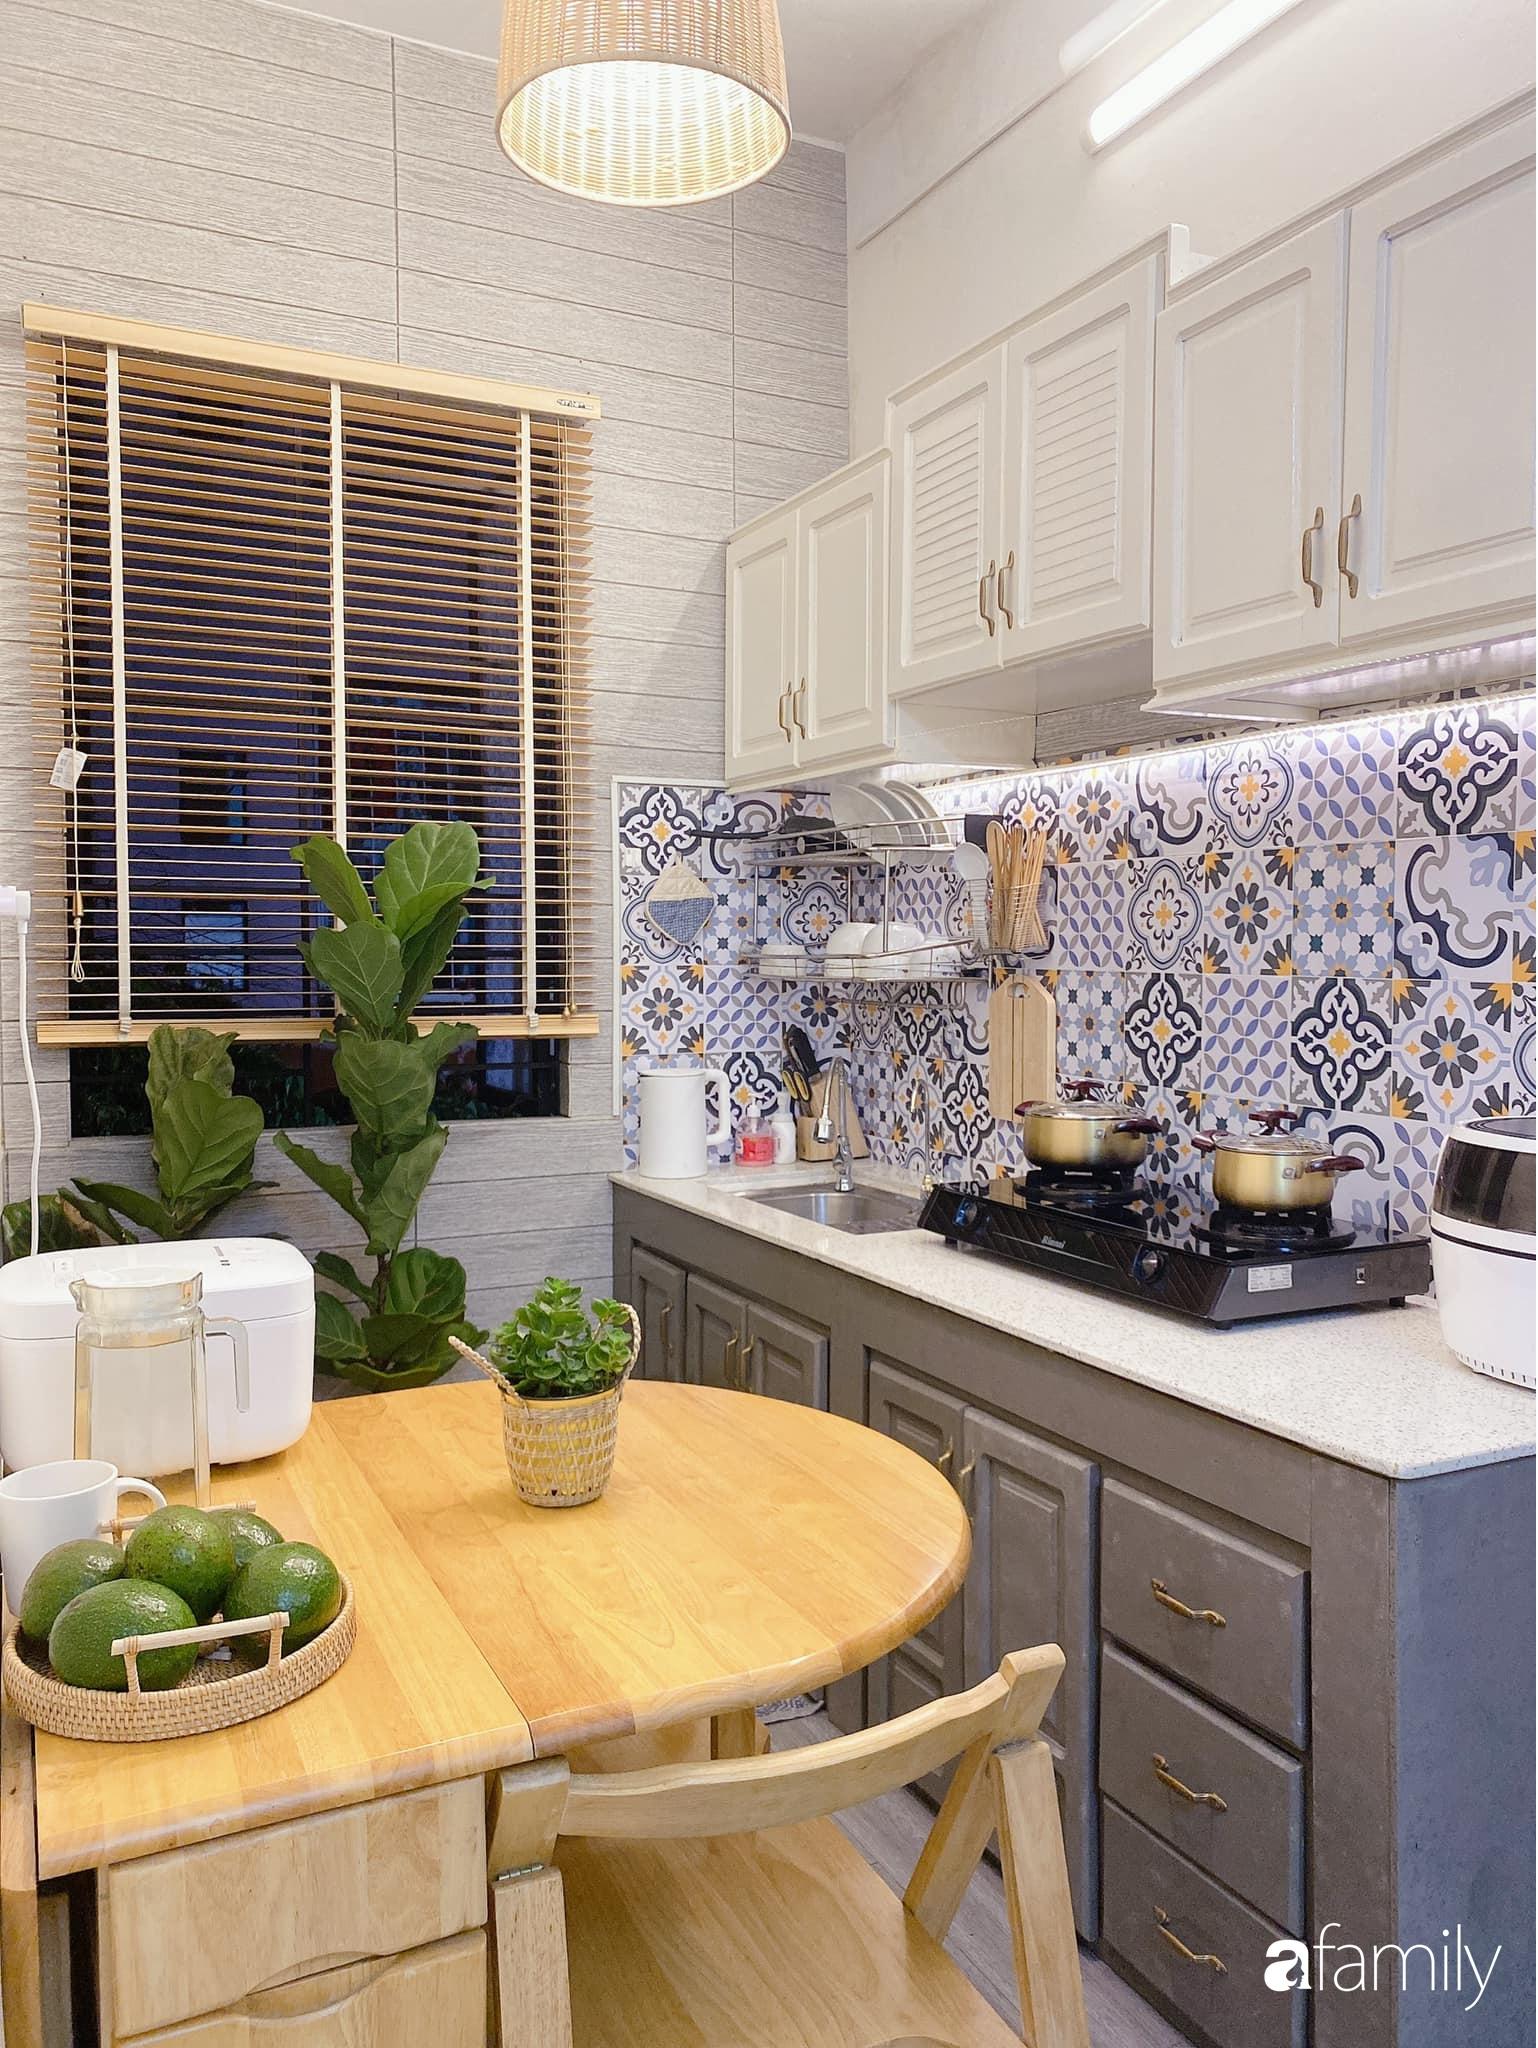 """Anh chồng chiều vợ """"thay áo mới"""" cho căn bếp cũ 6m² trở thành không gian đẹp miễn chê với chi phí chưa đến 3 triệu đồng ở Đà Nẵng - Ảnh 10."""